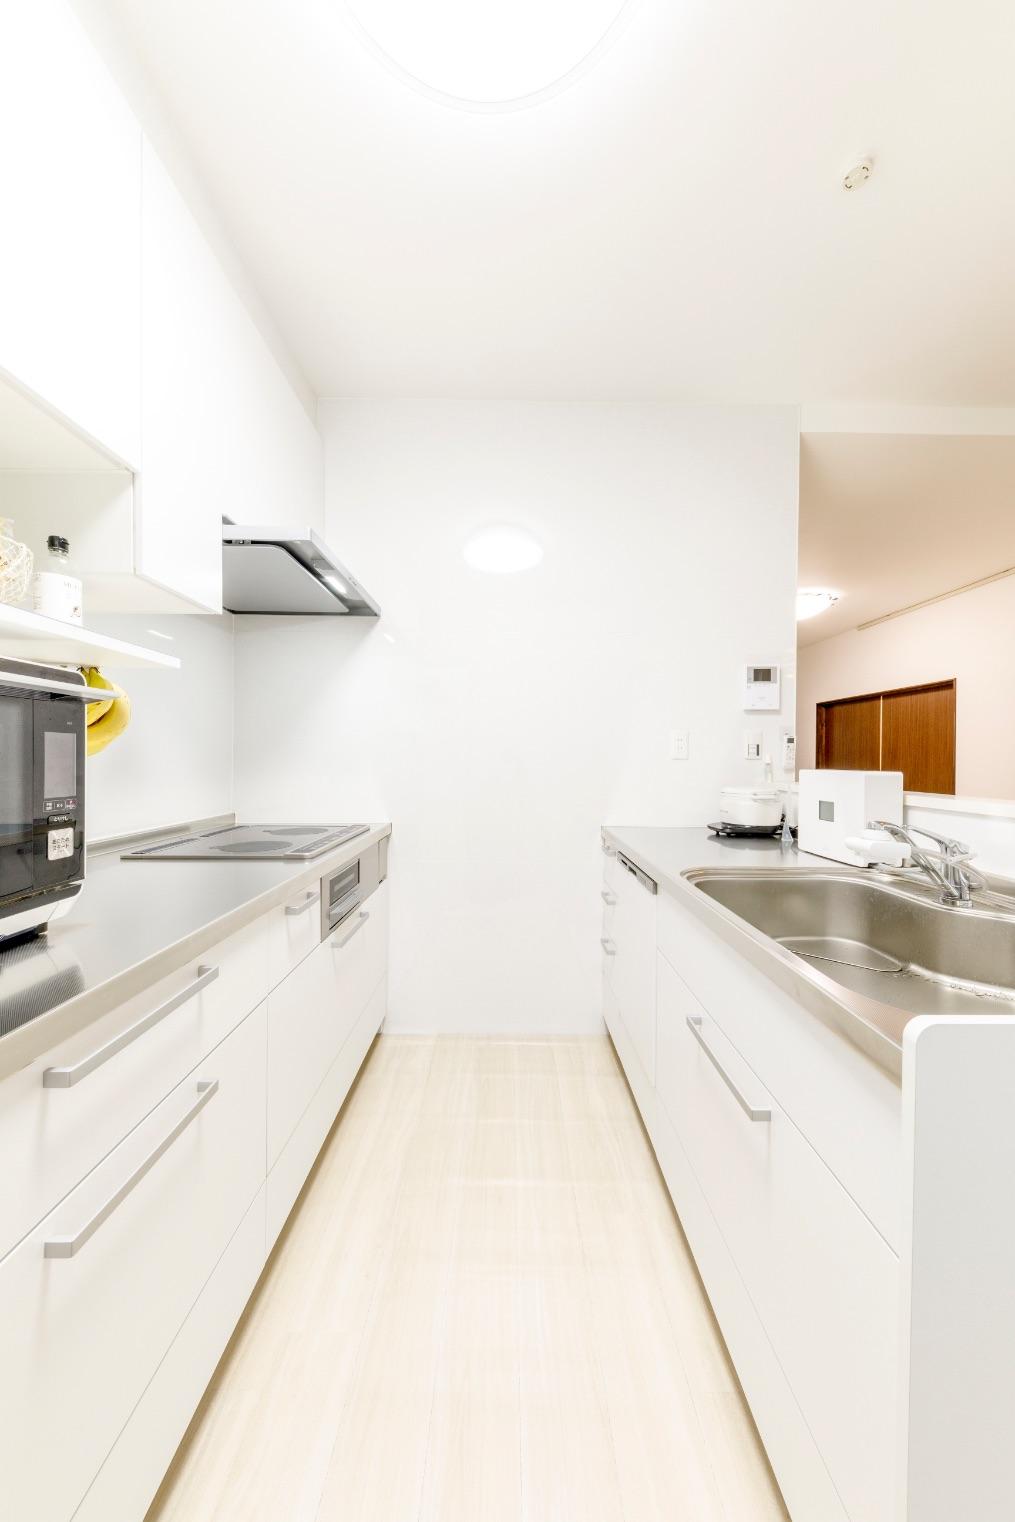 コンパクトながら使いやすさにもこだわり。キッチンで使うものはキッチンの下に効率良く収めて。